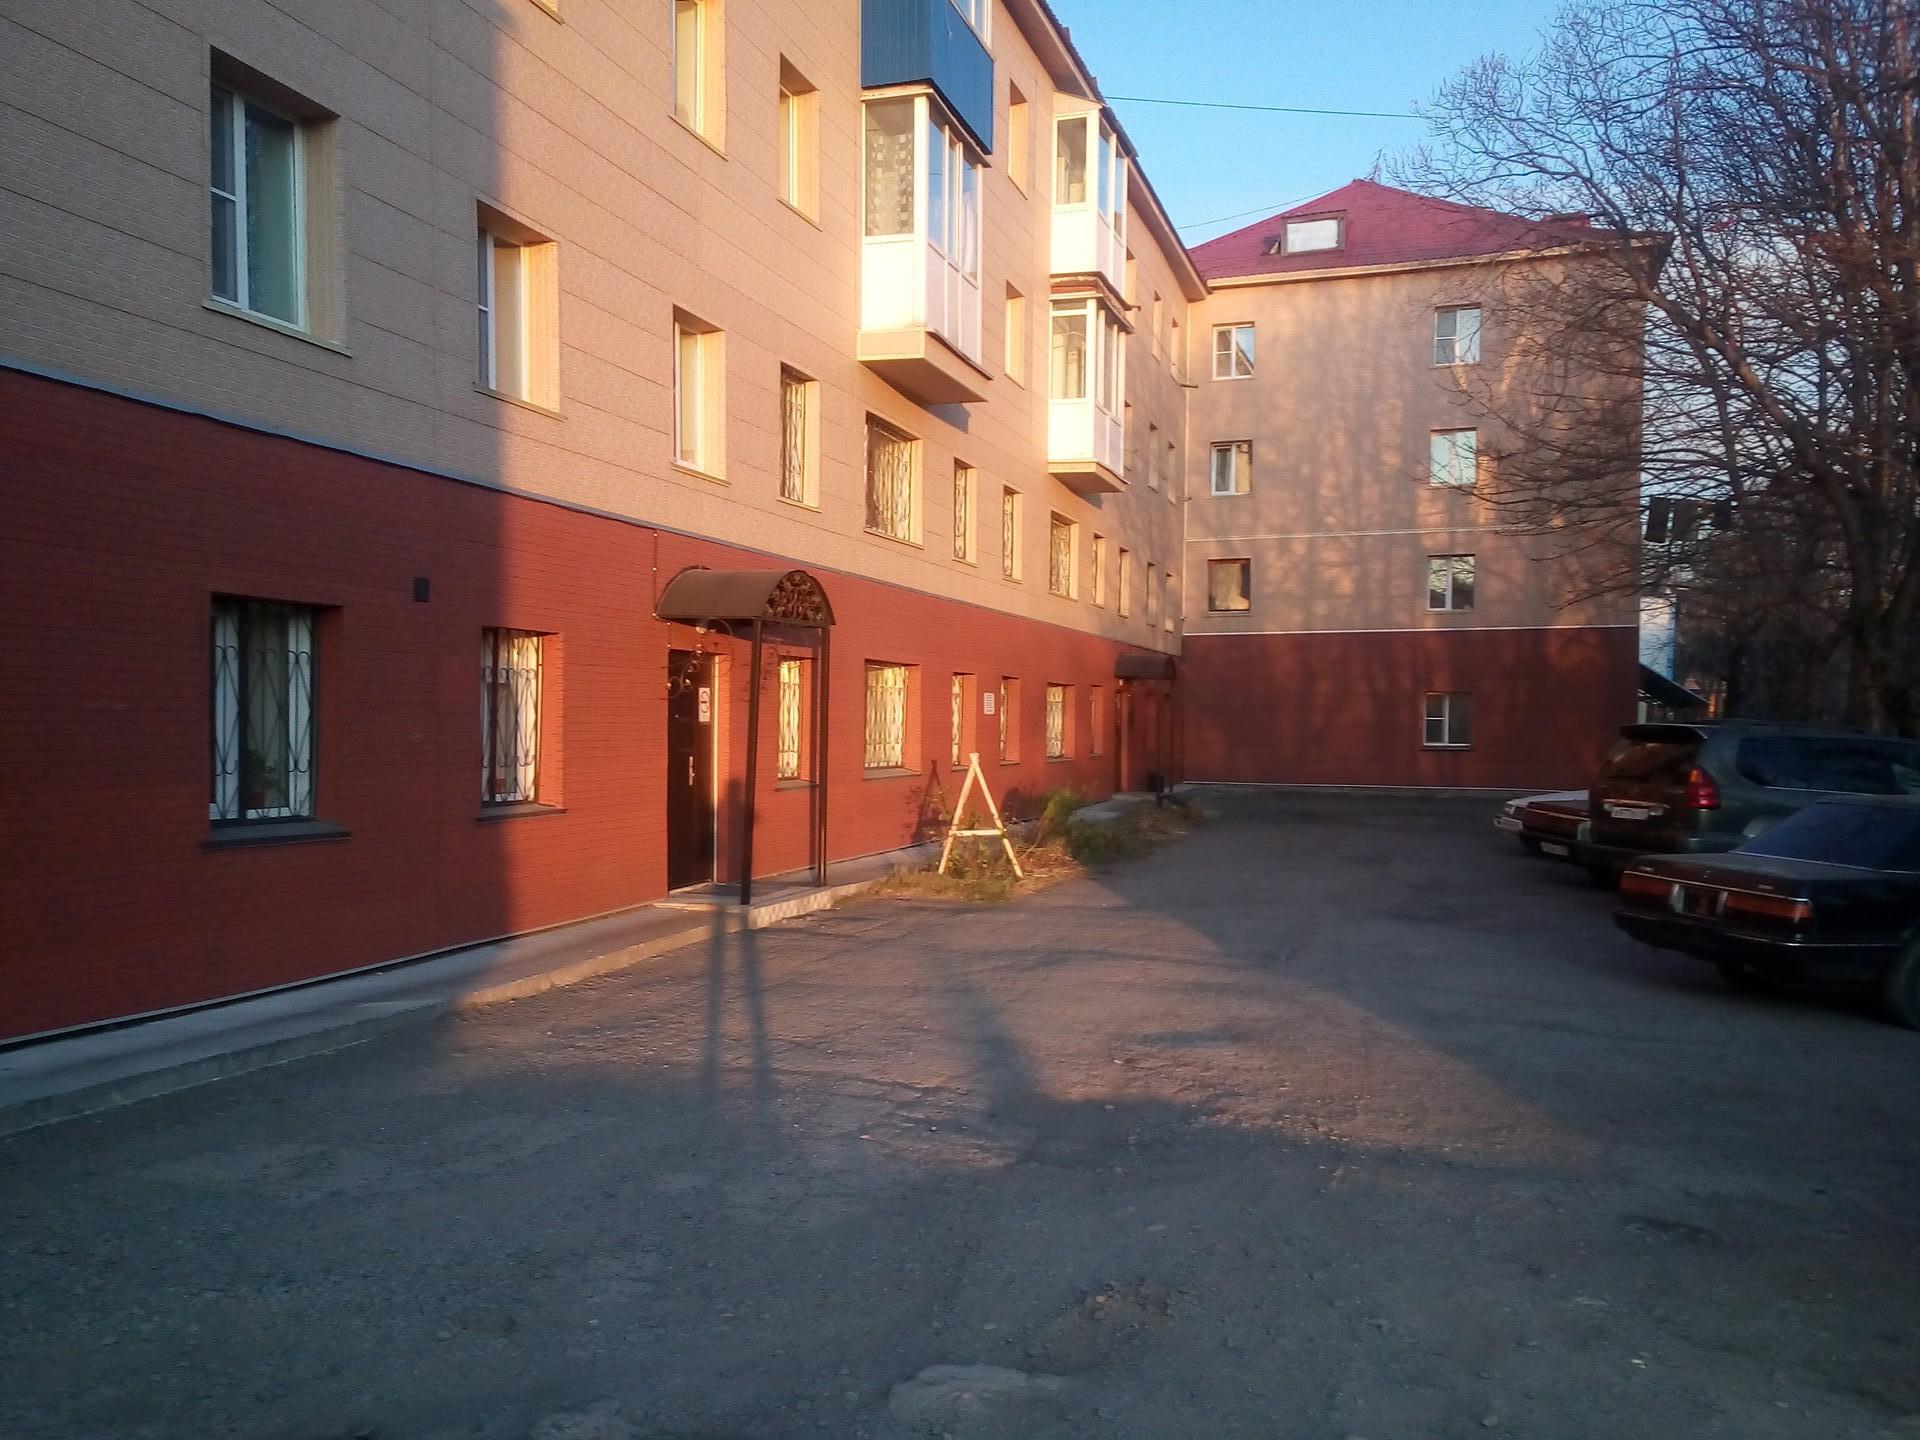 Улица атласова в петропавловске камчатском фото